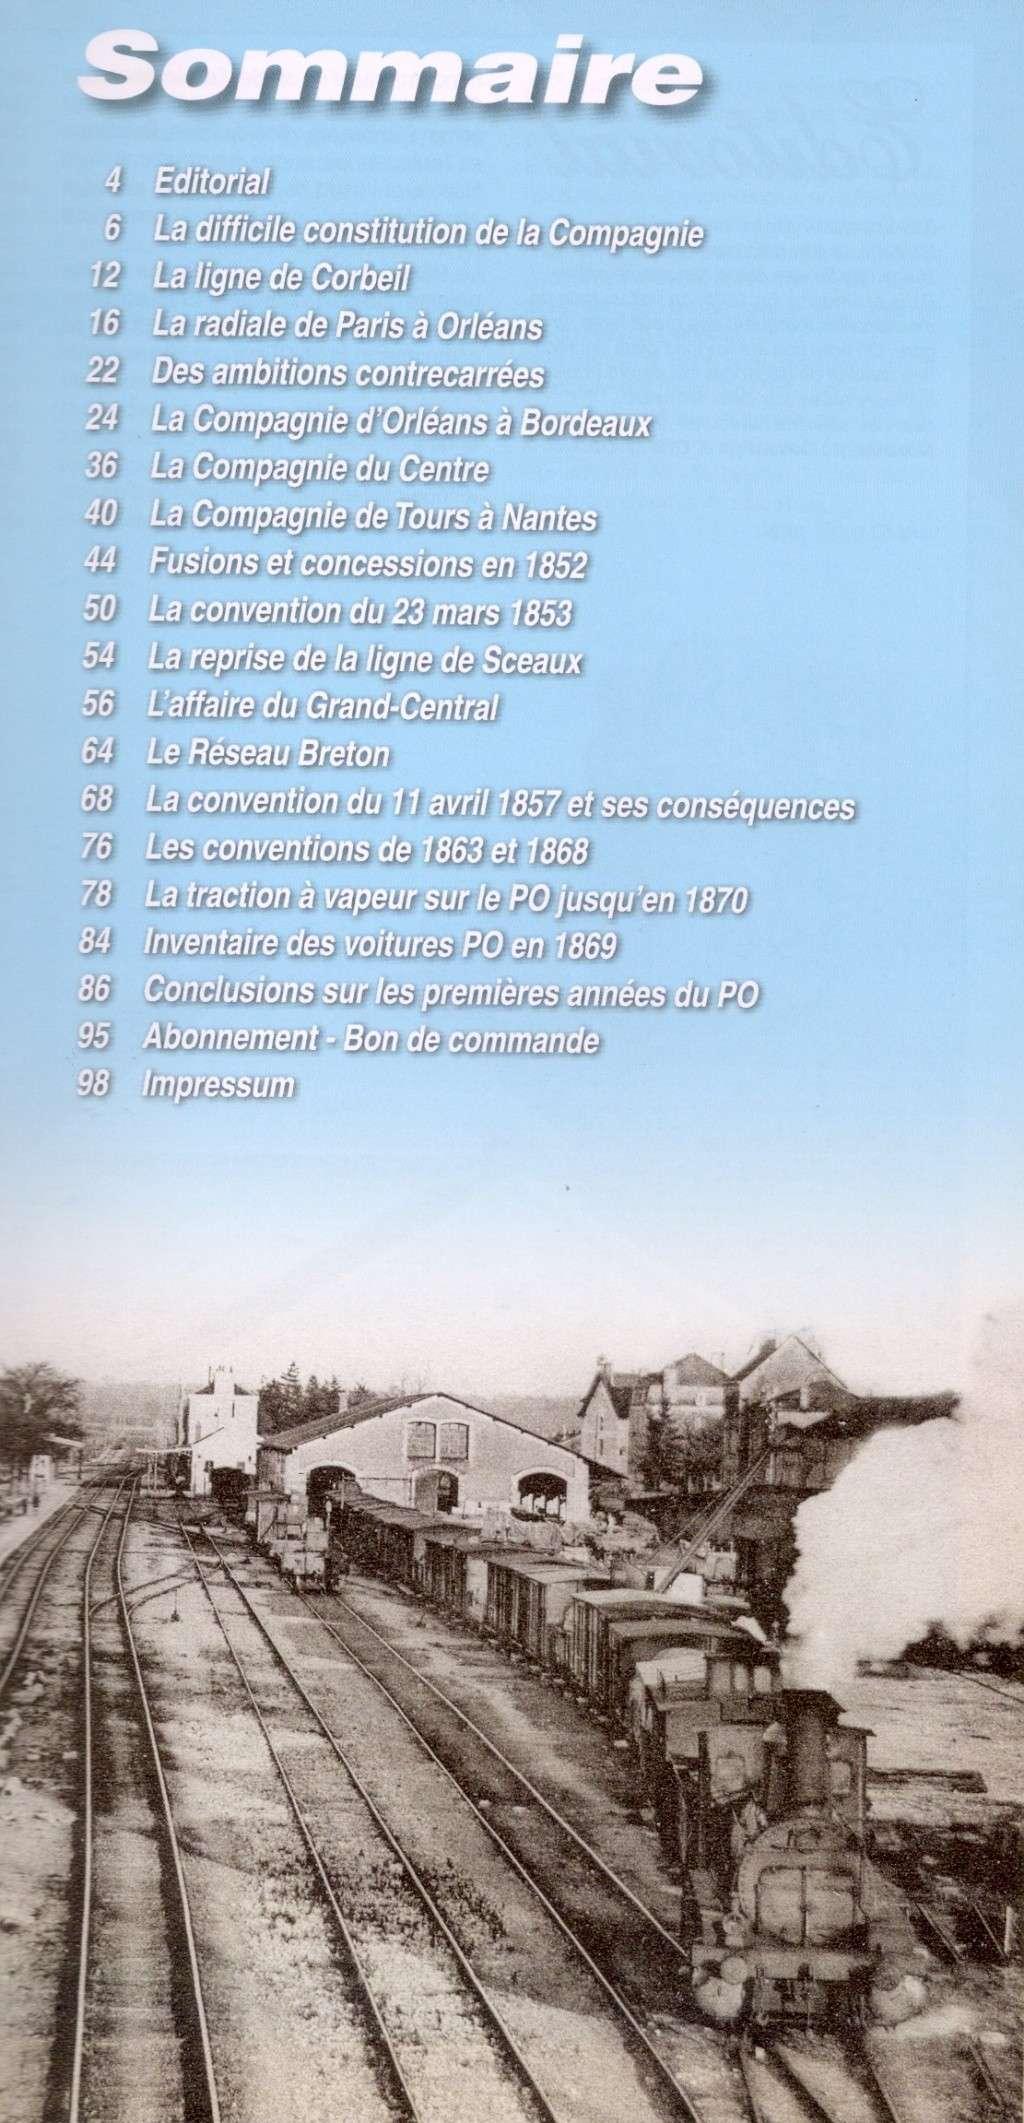 Le Train - Les archives du PO - Midi 2014/02 Numari12